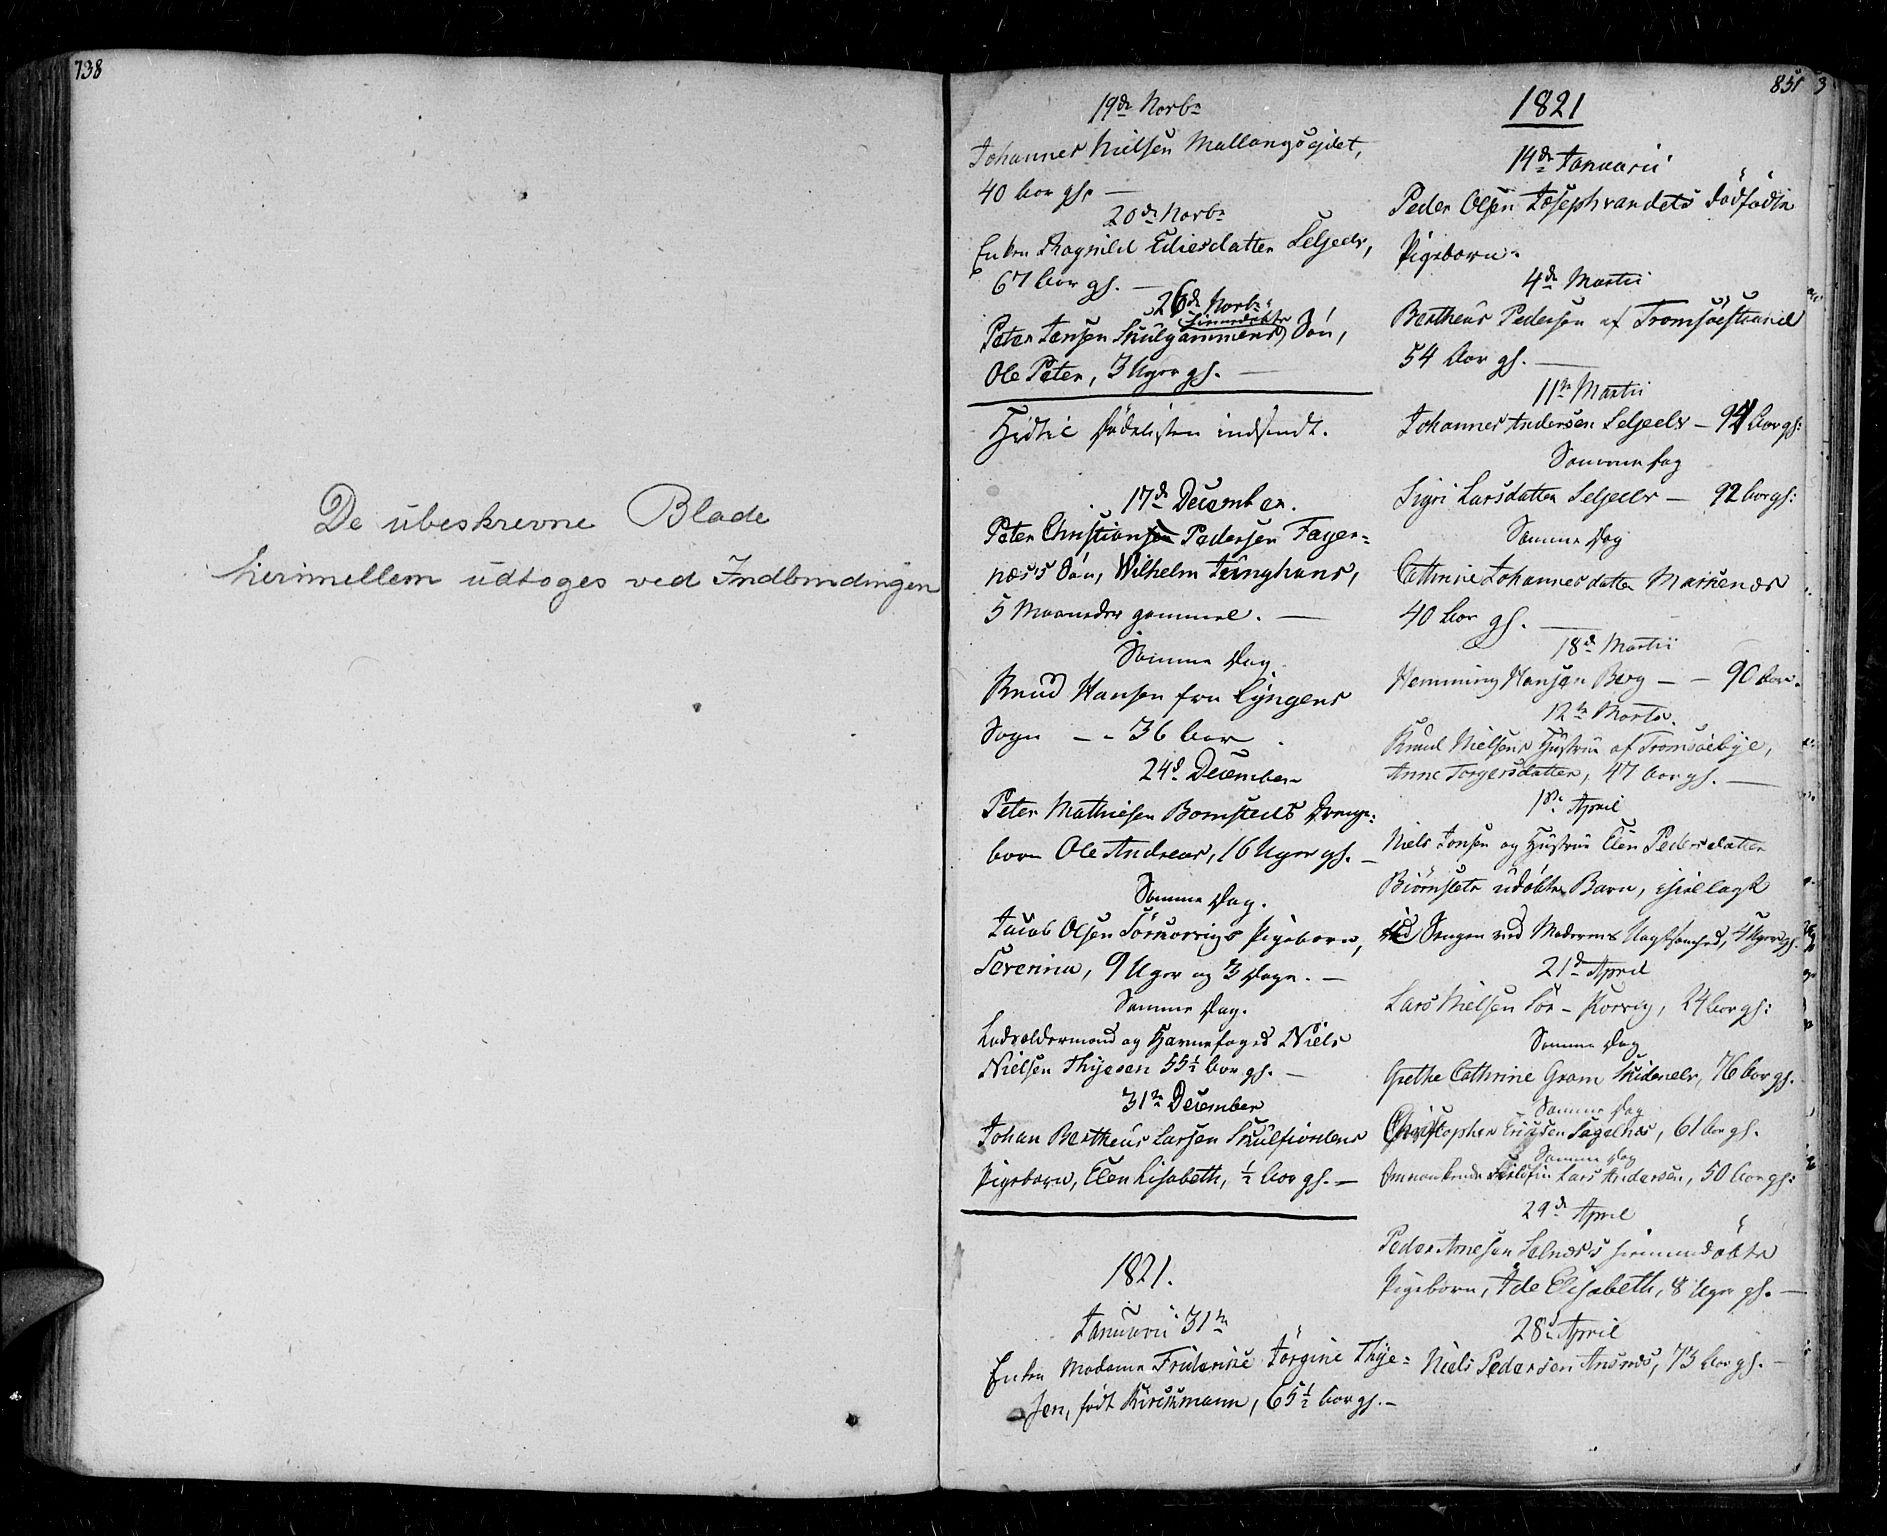 SATØ, Tromsø sokneprestkontor/stiftsprosti/domprosti, G/Ga/L0008kirke: Ministerialbok nr. 8, 1829-1837, s. 851